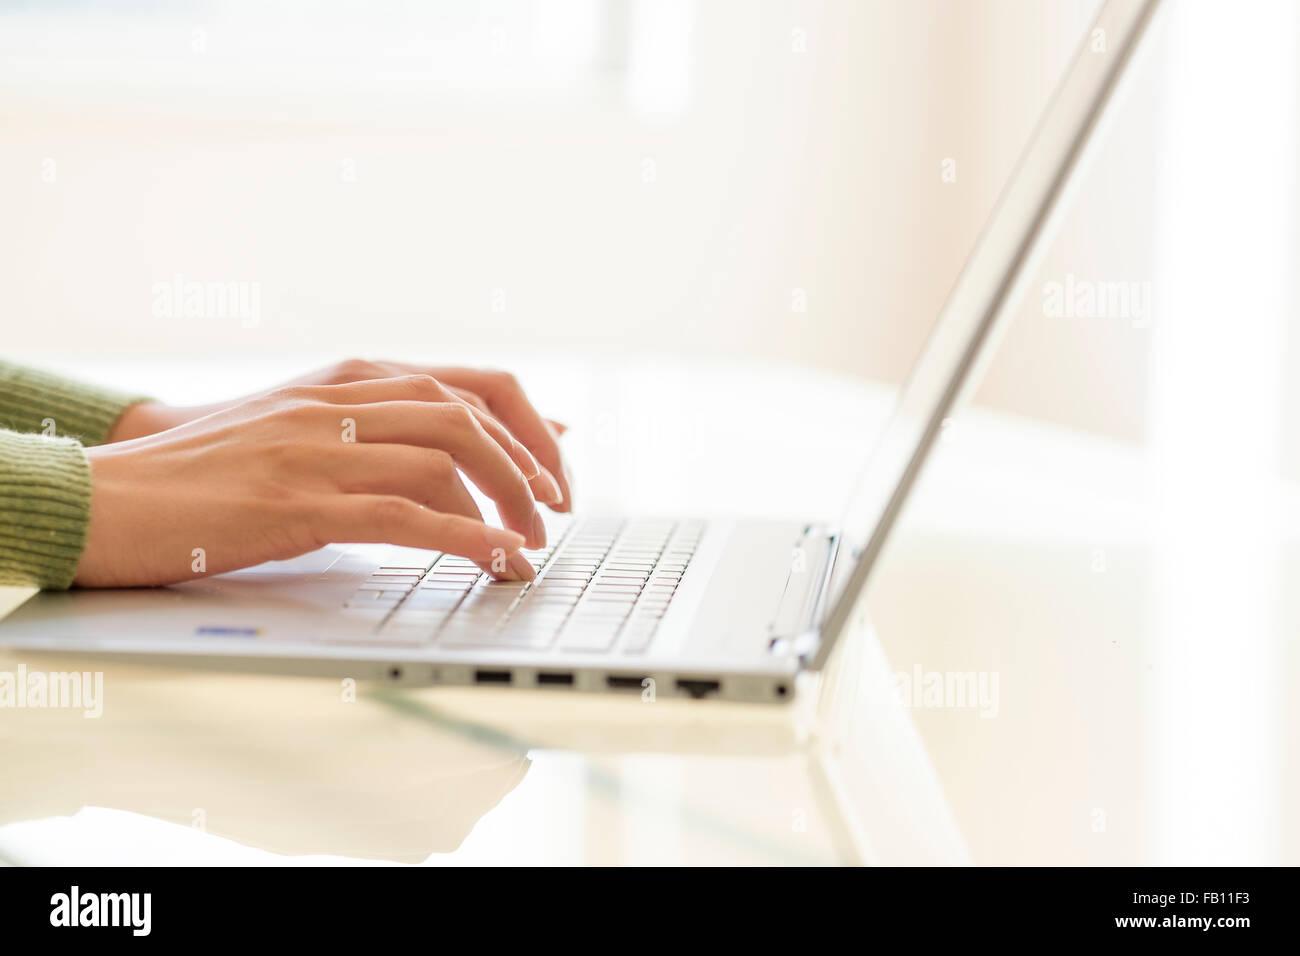 Manos escribiendo en el teclado portátil Foto de stock